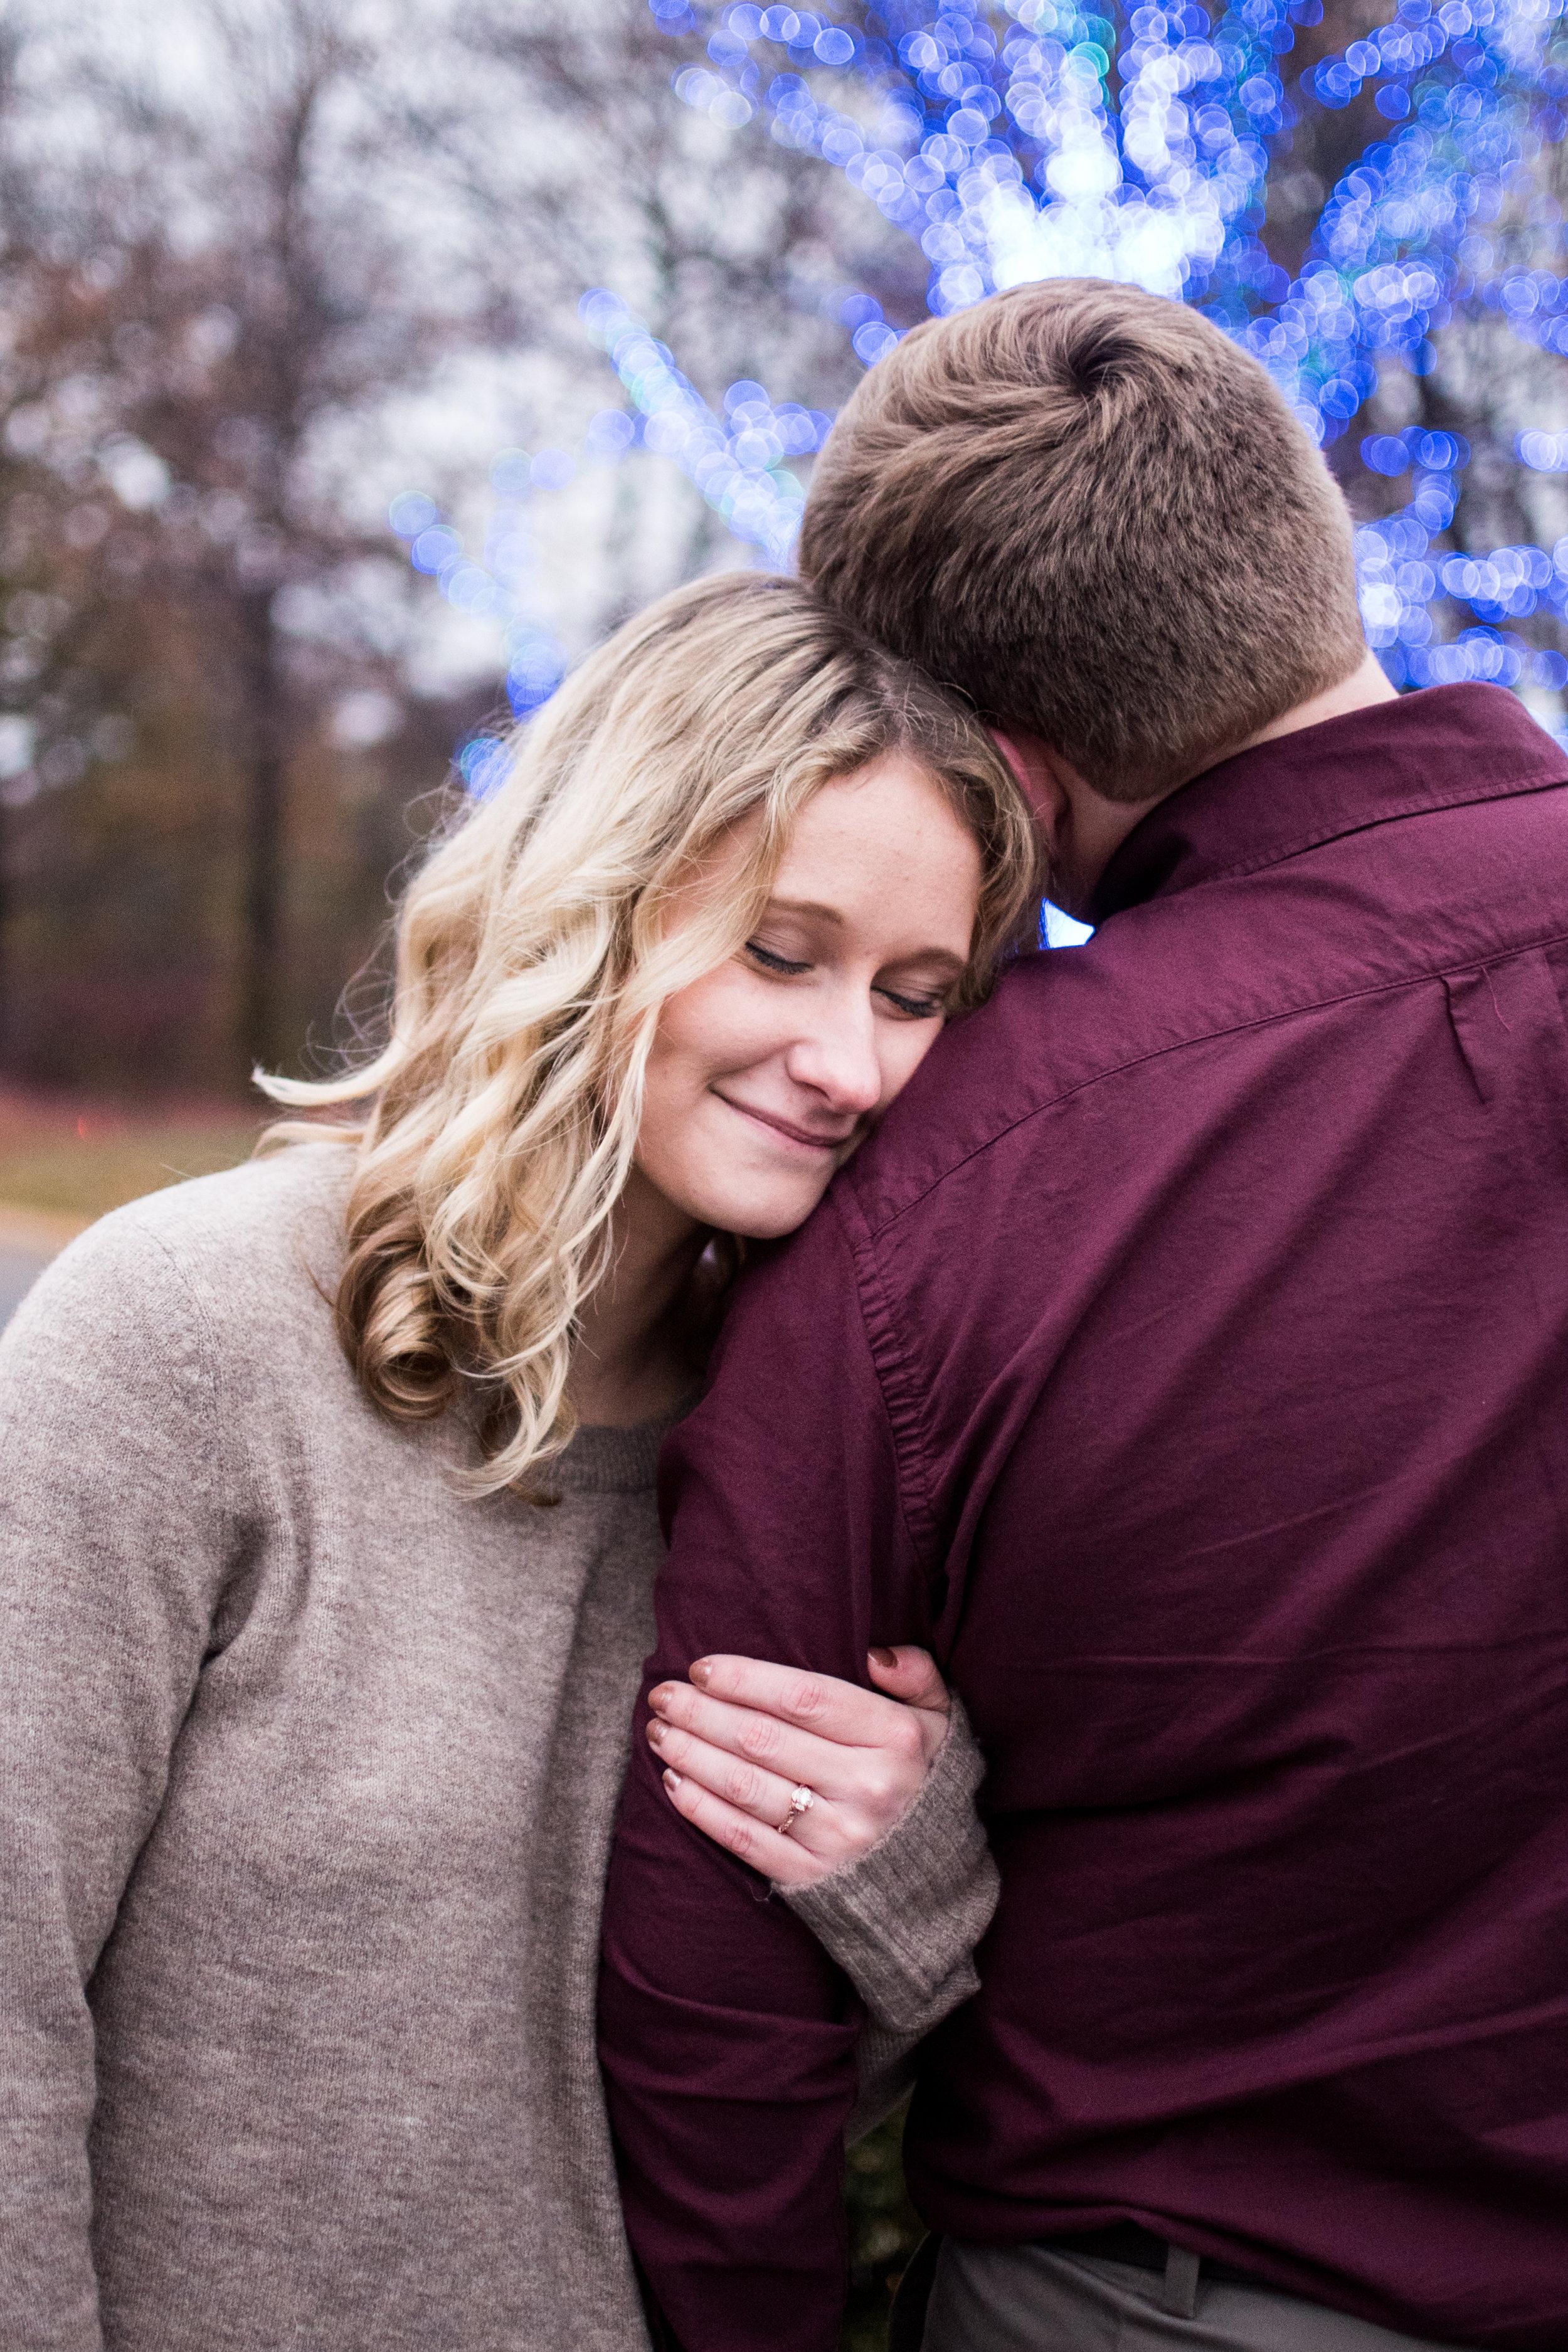 Kyla Jo Photography // Indianapolis Indiana Photographer // Indianapolis Art Musueam // IMA // Engagement Photographer // Midwest Photographer // Muncie Indiana Based Photographer // Winter Engagement Photos